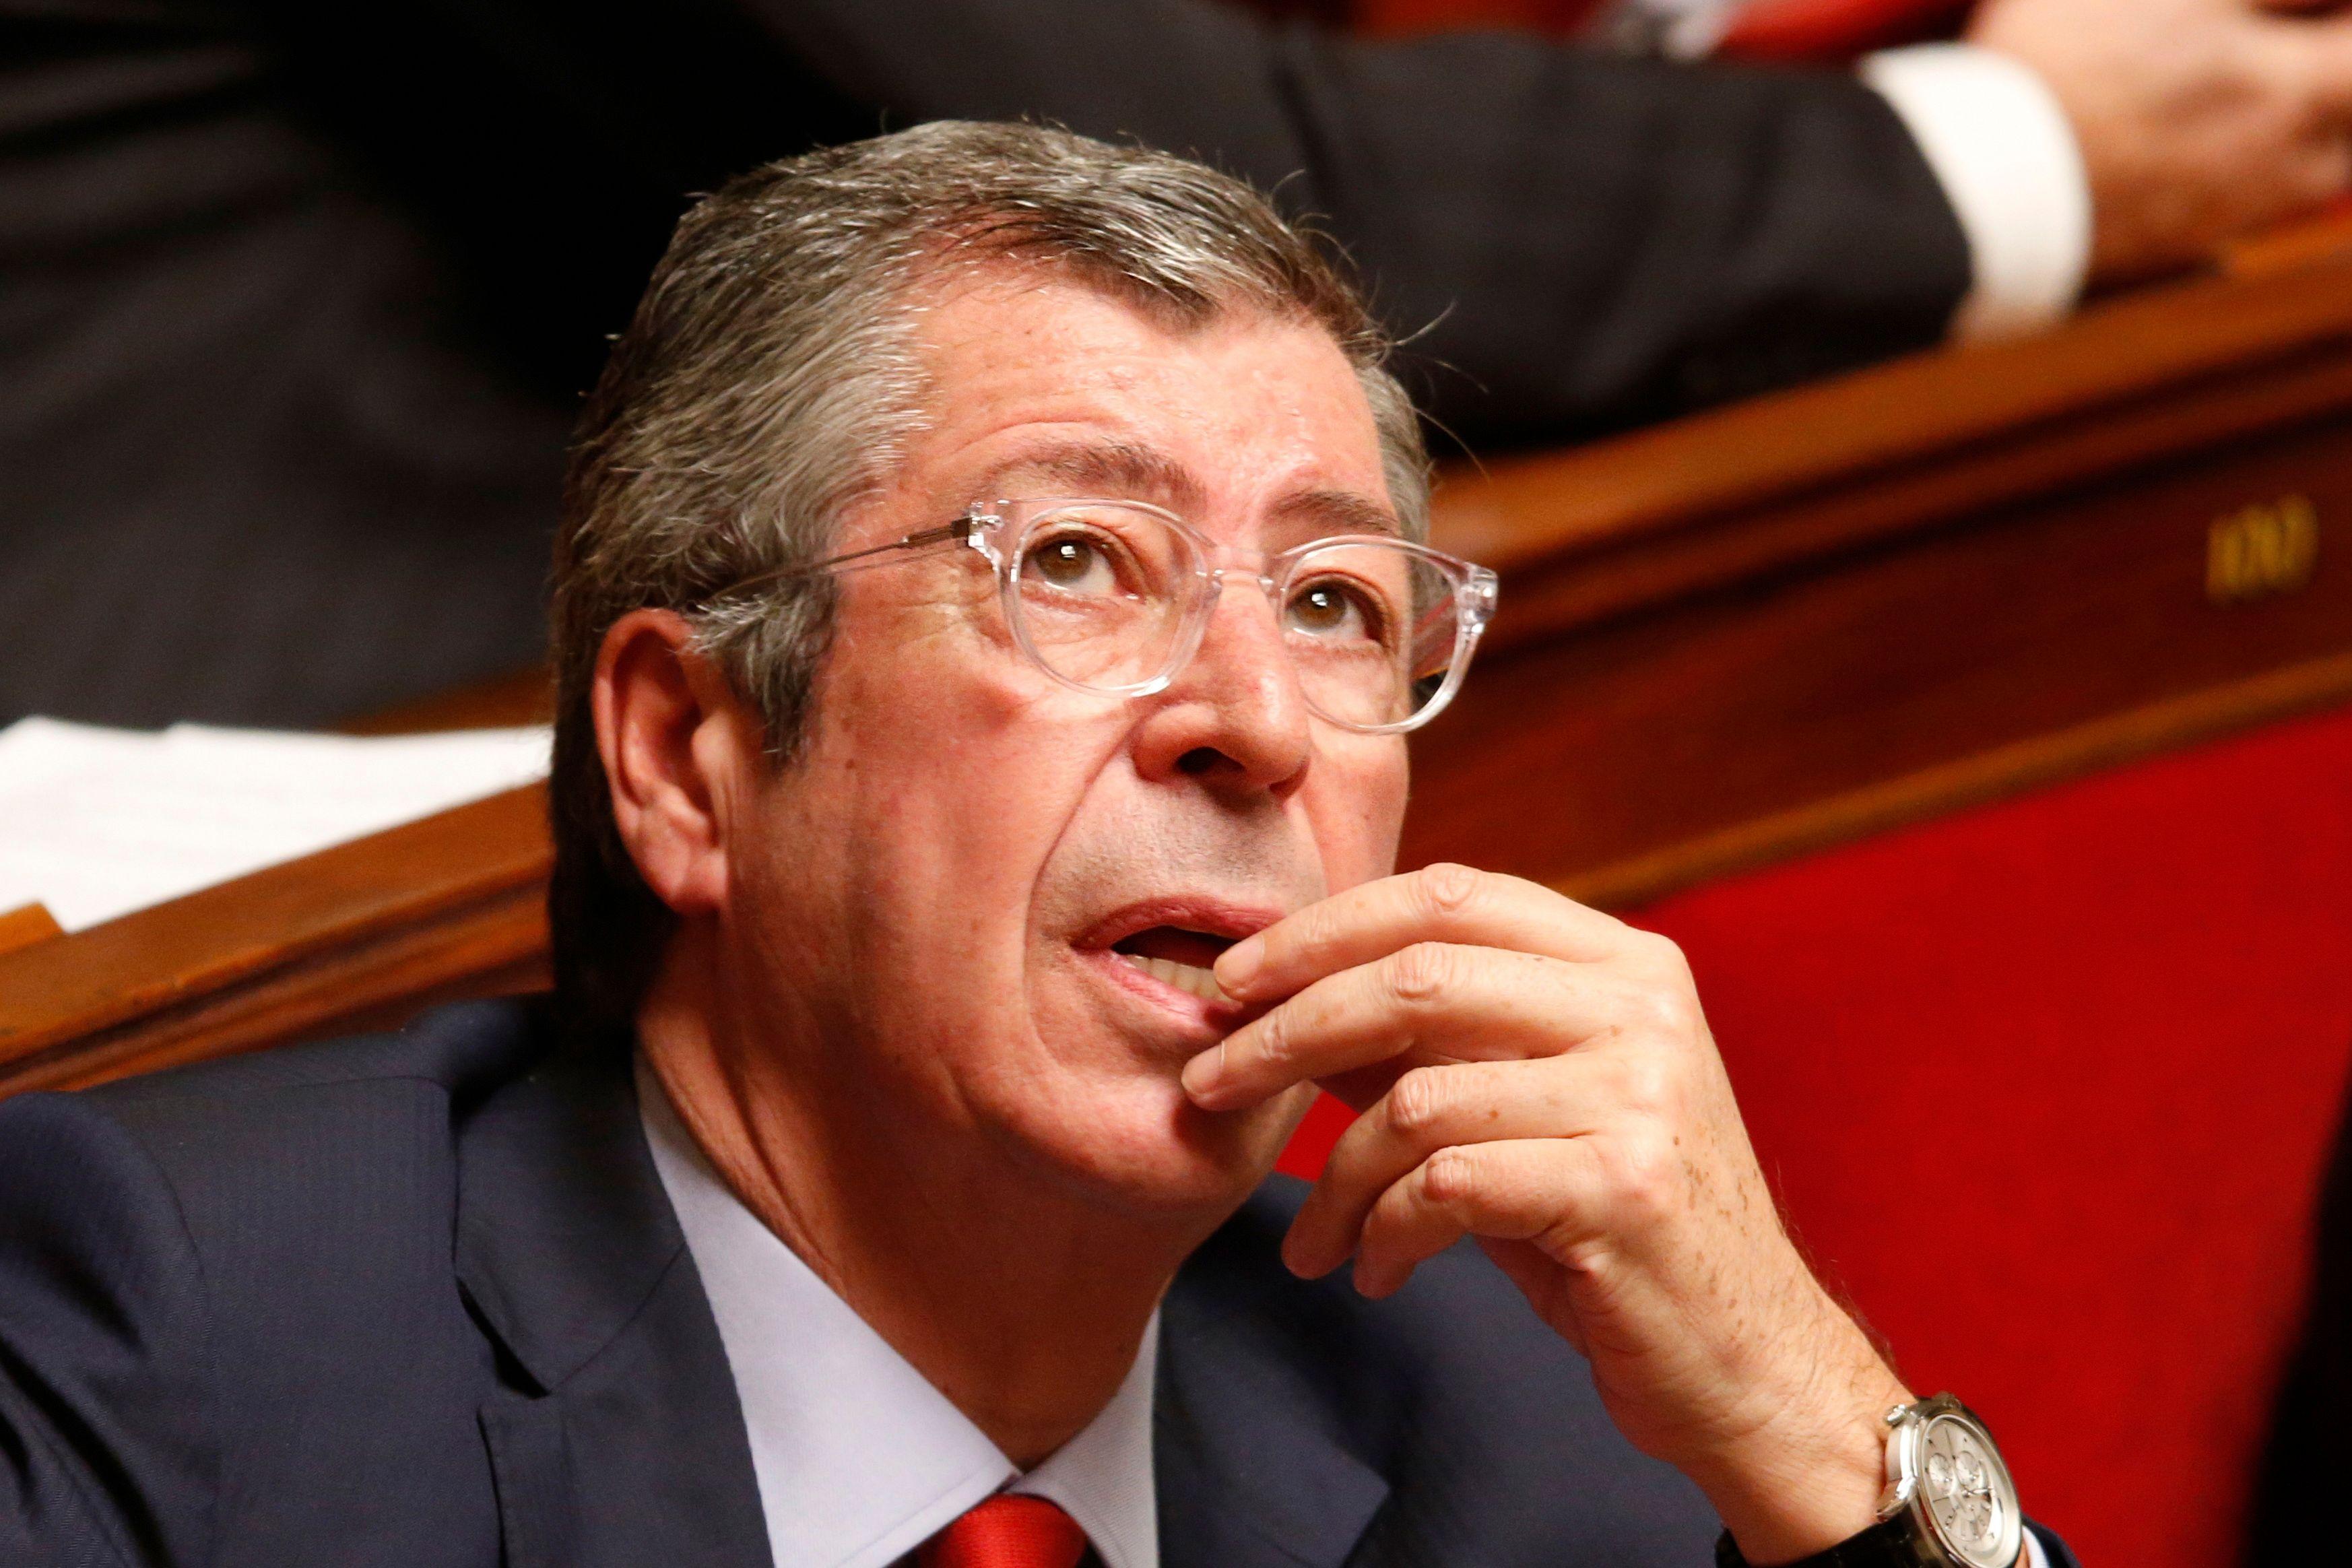 Un rapport souligne les très nombreuses irrégularités dans la gestion de Patrick Balkany à Levallois-Perret